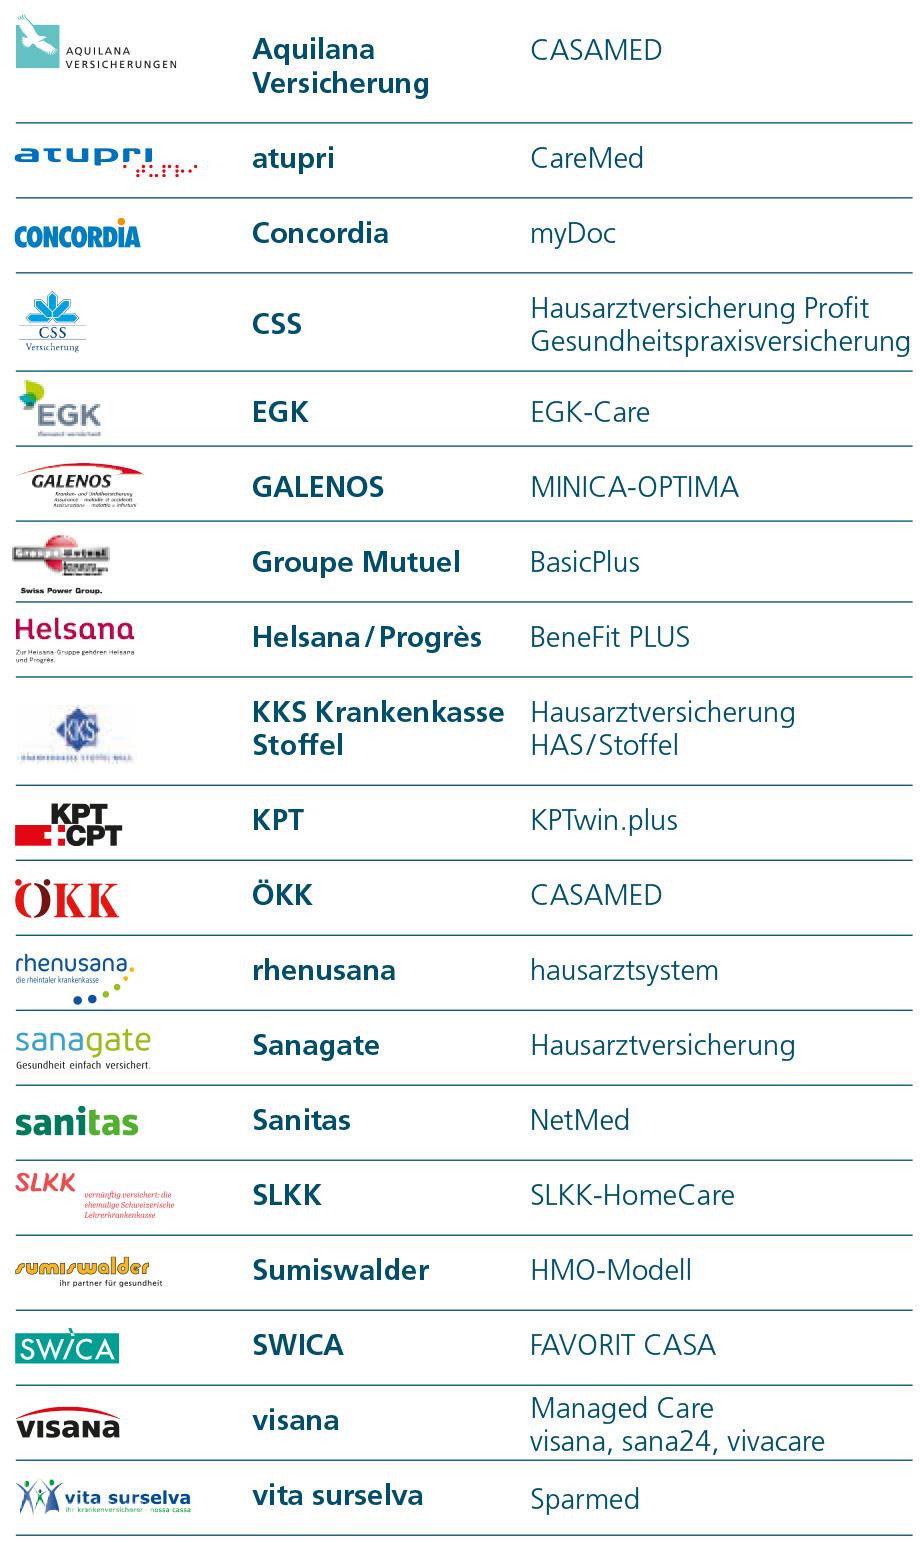 krankenversicherungspartner_2017_dez